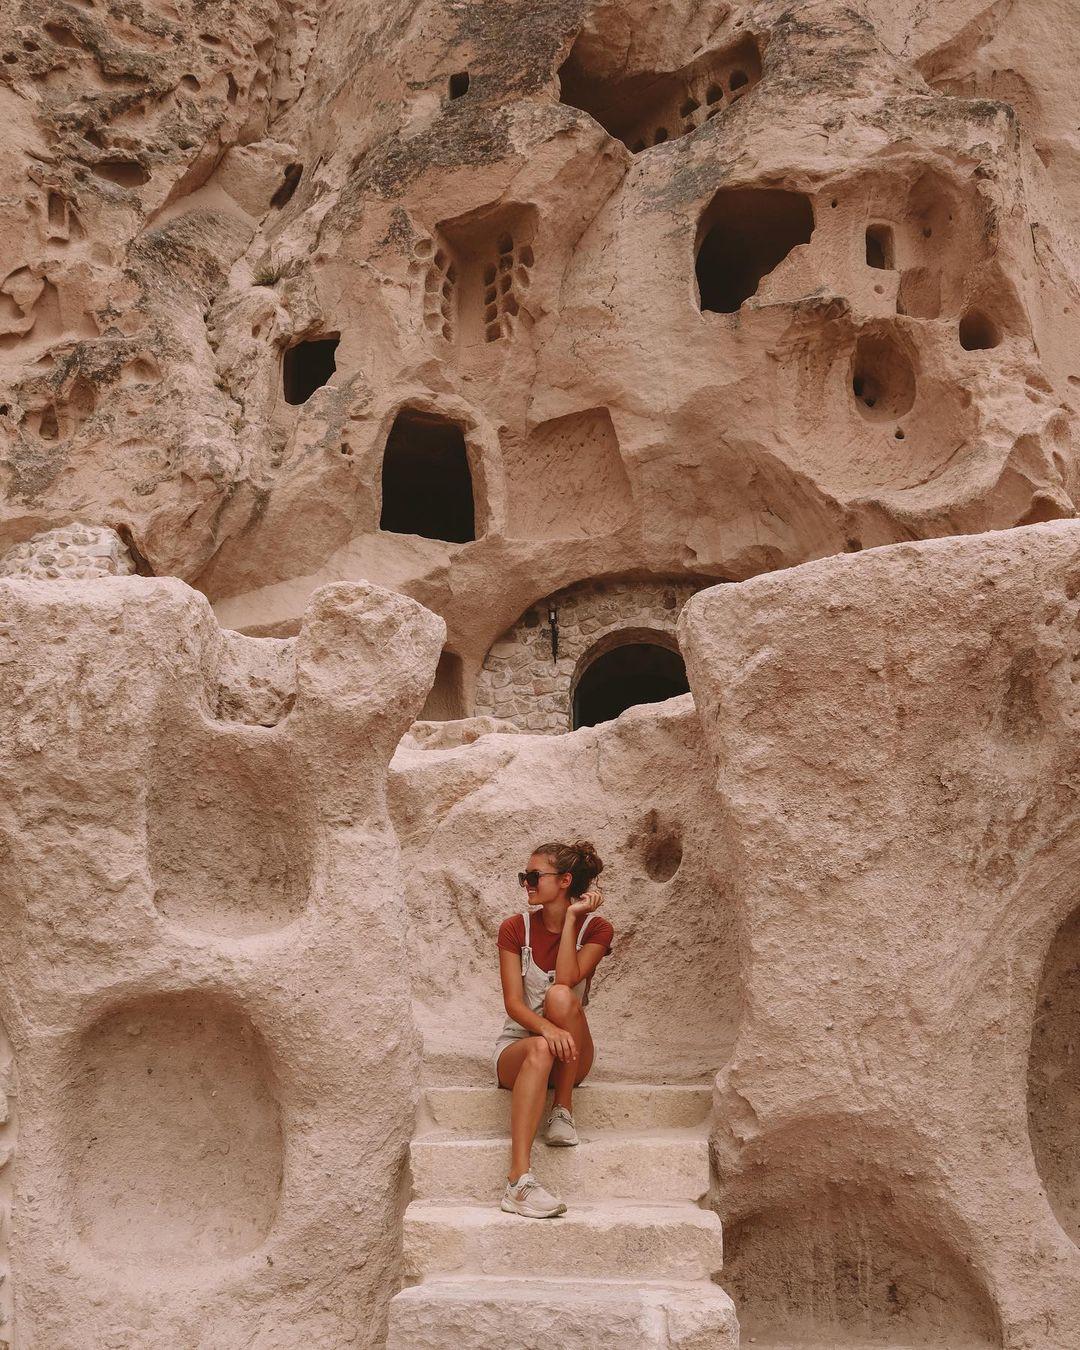 Khách sạn hang đá ở Thổ Nhĩ Kỳ 'sang chảnh' không kém resort nổi tiếng - 11